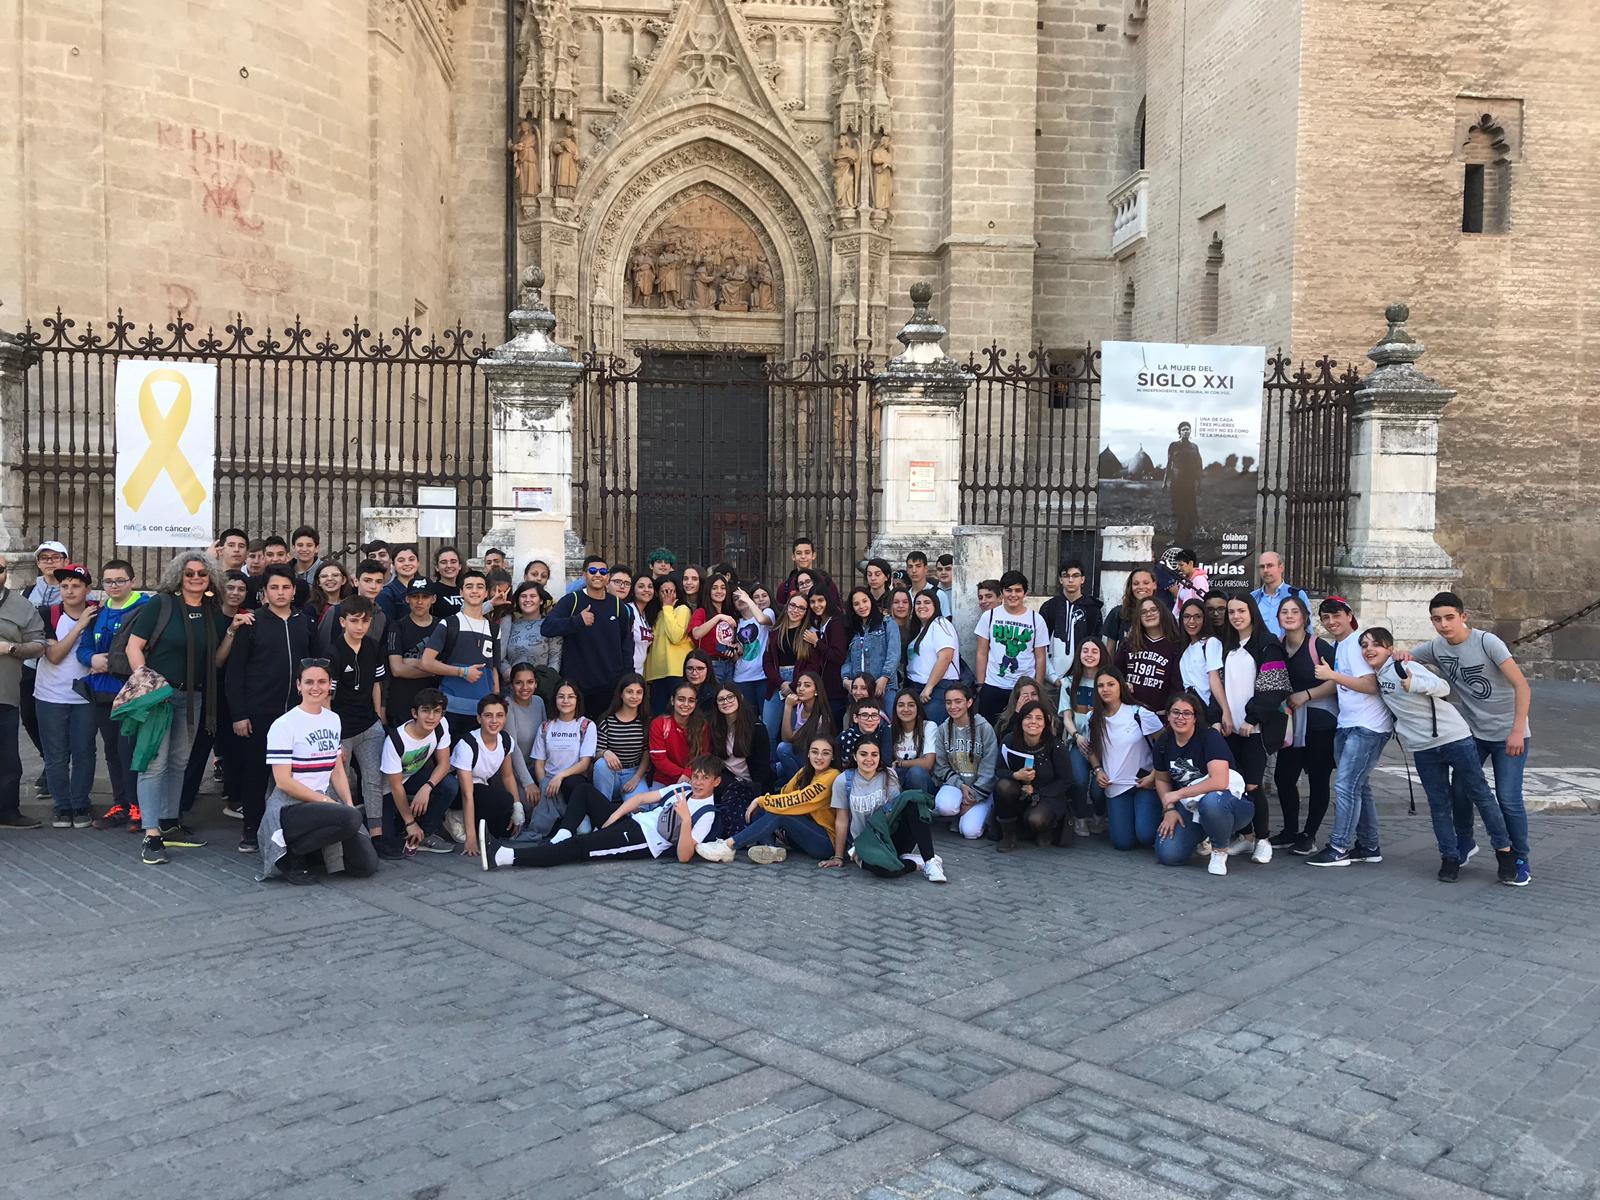 Imagen de la noticia: Visita a Sevilla